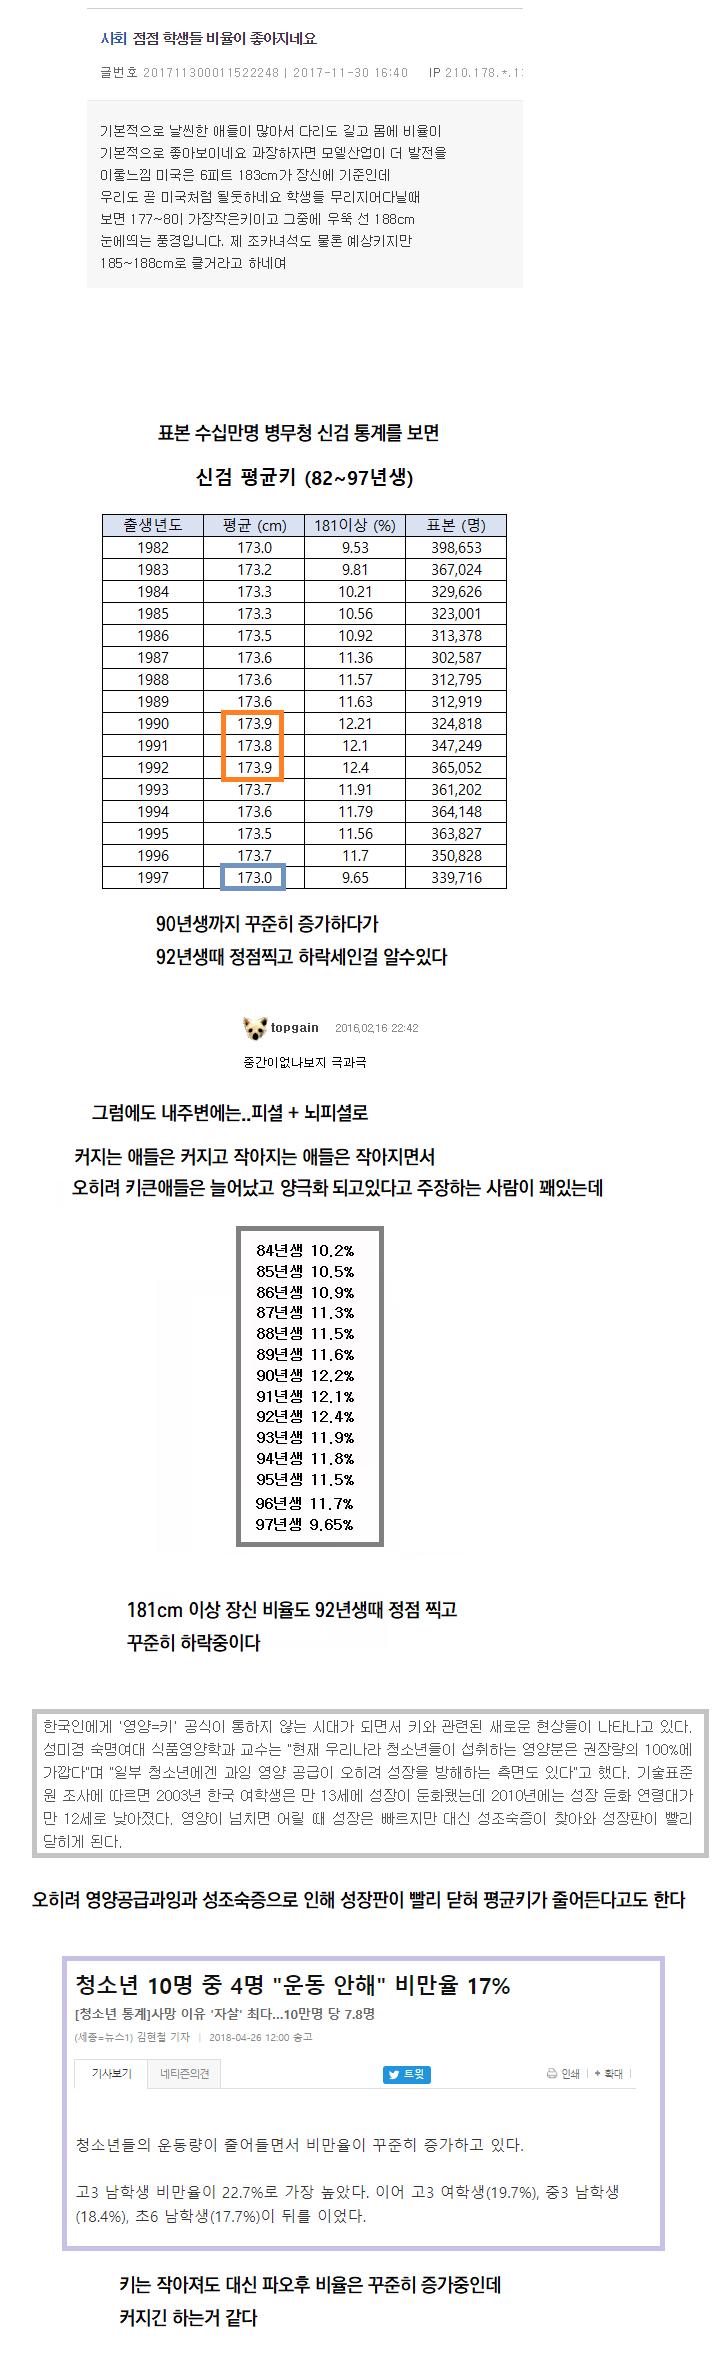 739019d27353798ea441f197fca8fa20.png 요즘애들이 키 존나 큰 이유 .jpg